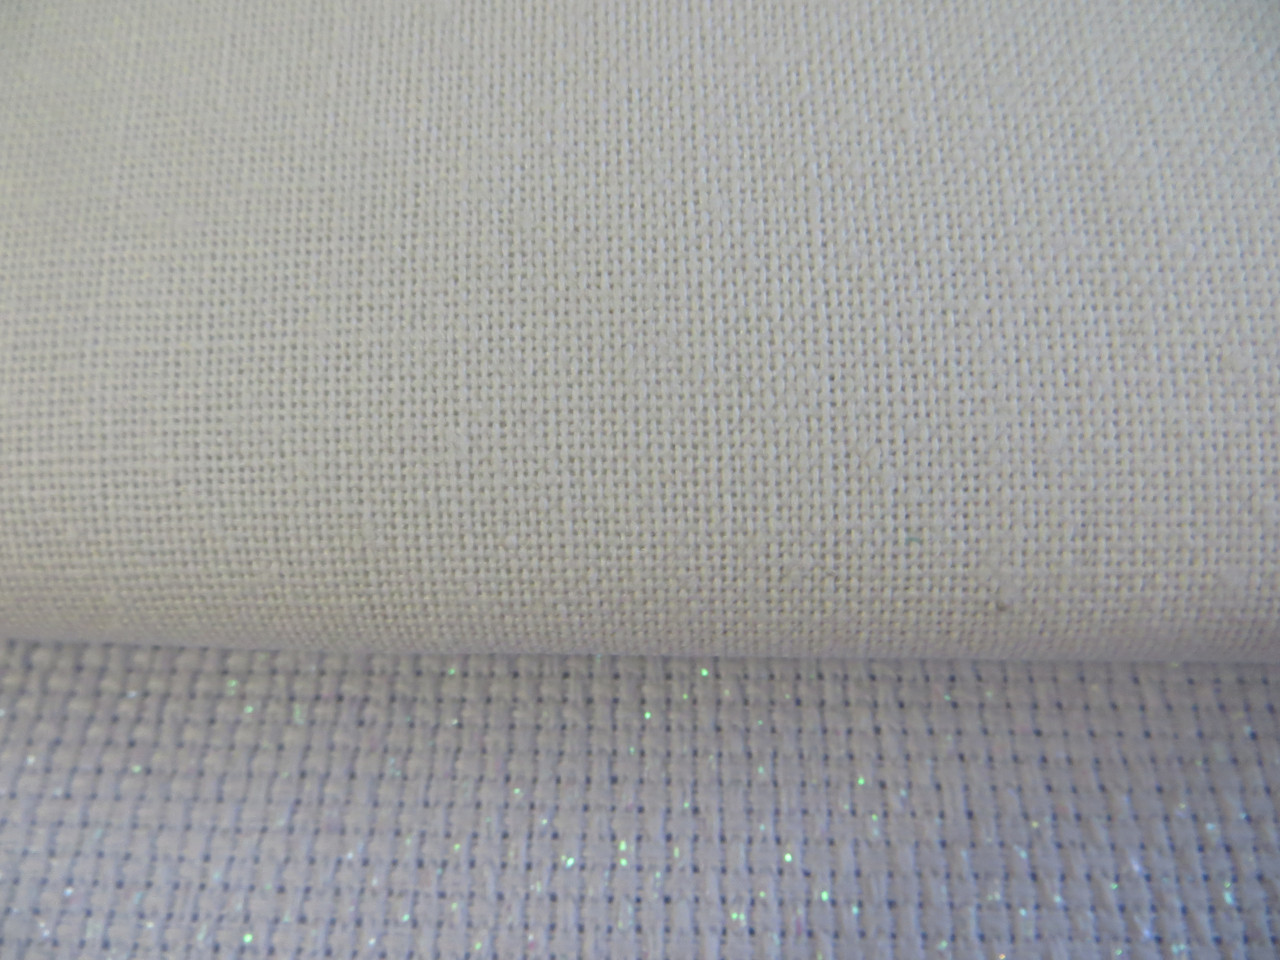 Ткань для вышивки 28 каунт, белая 50*50см